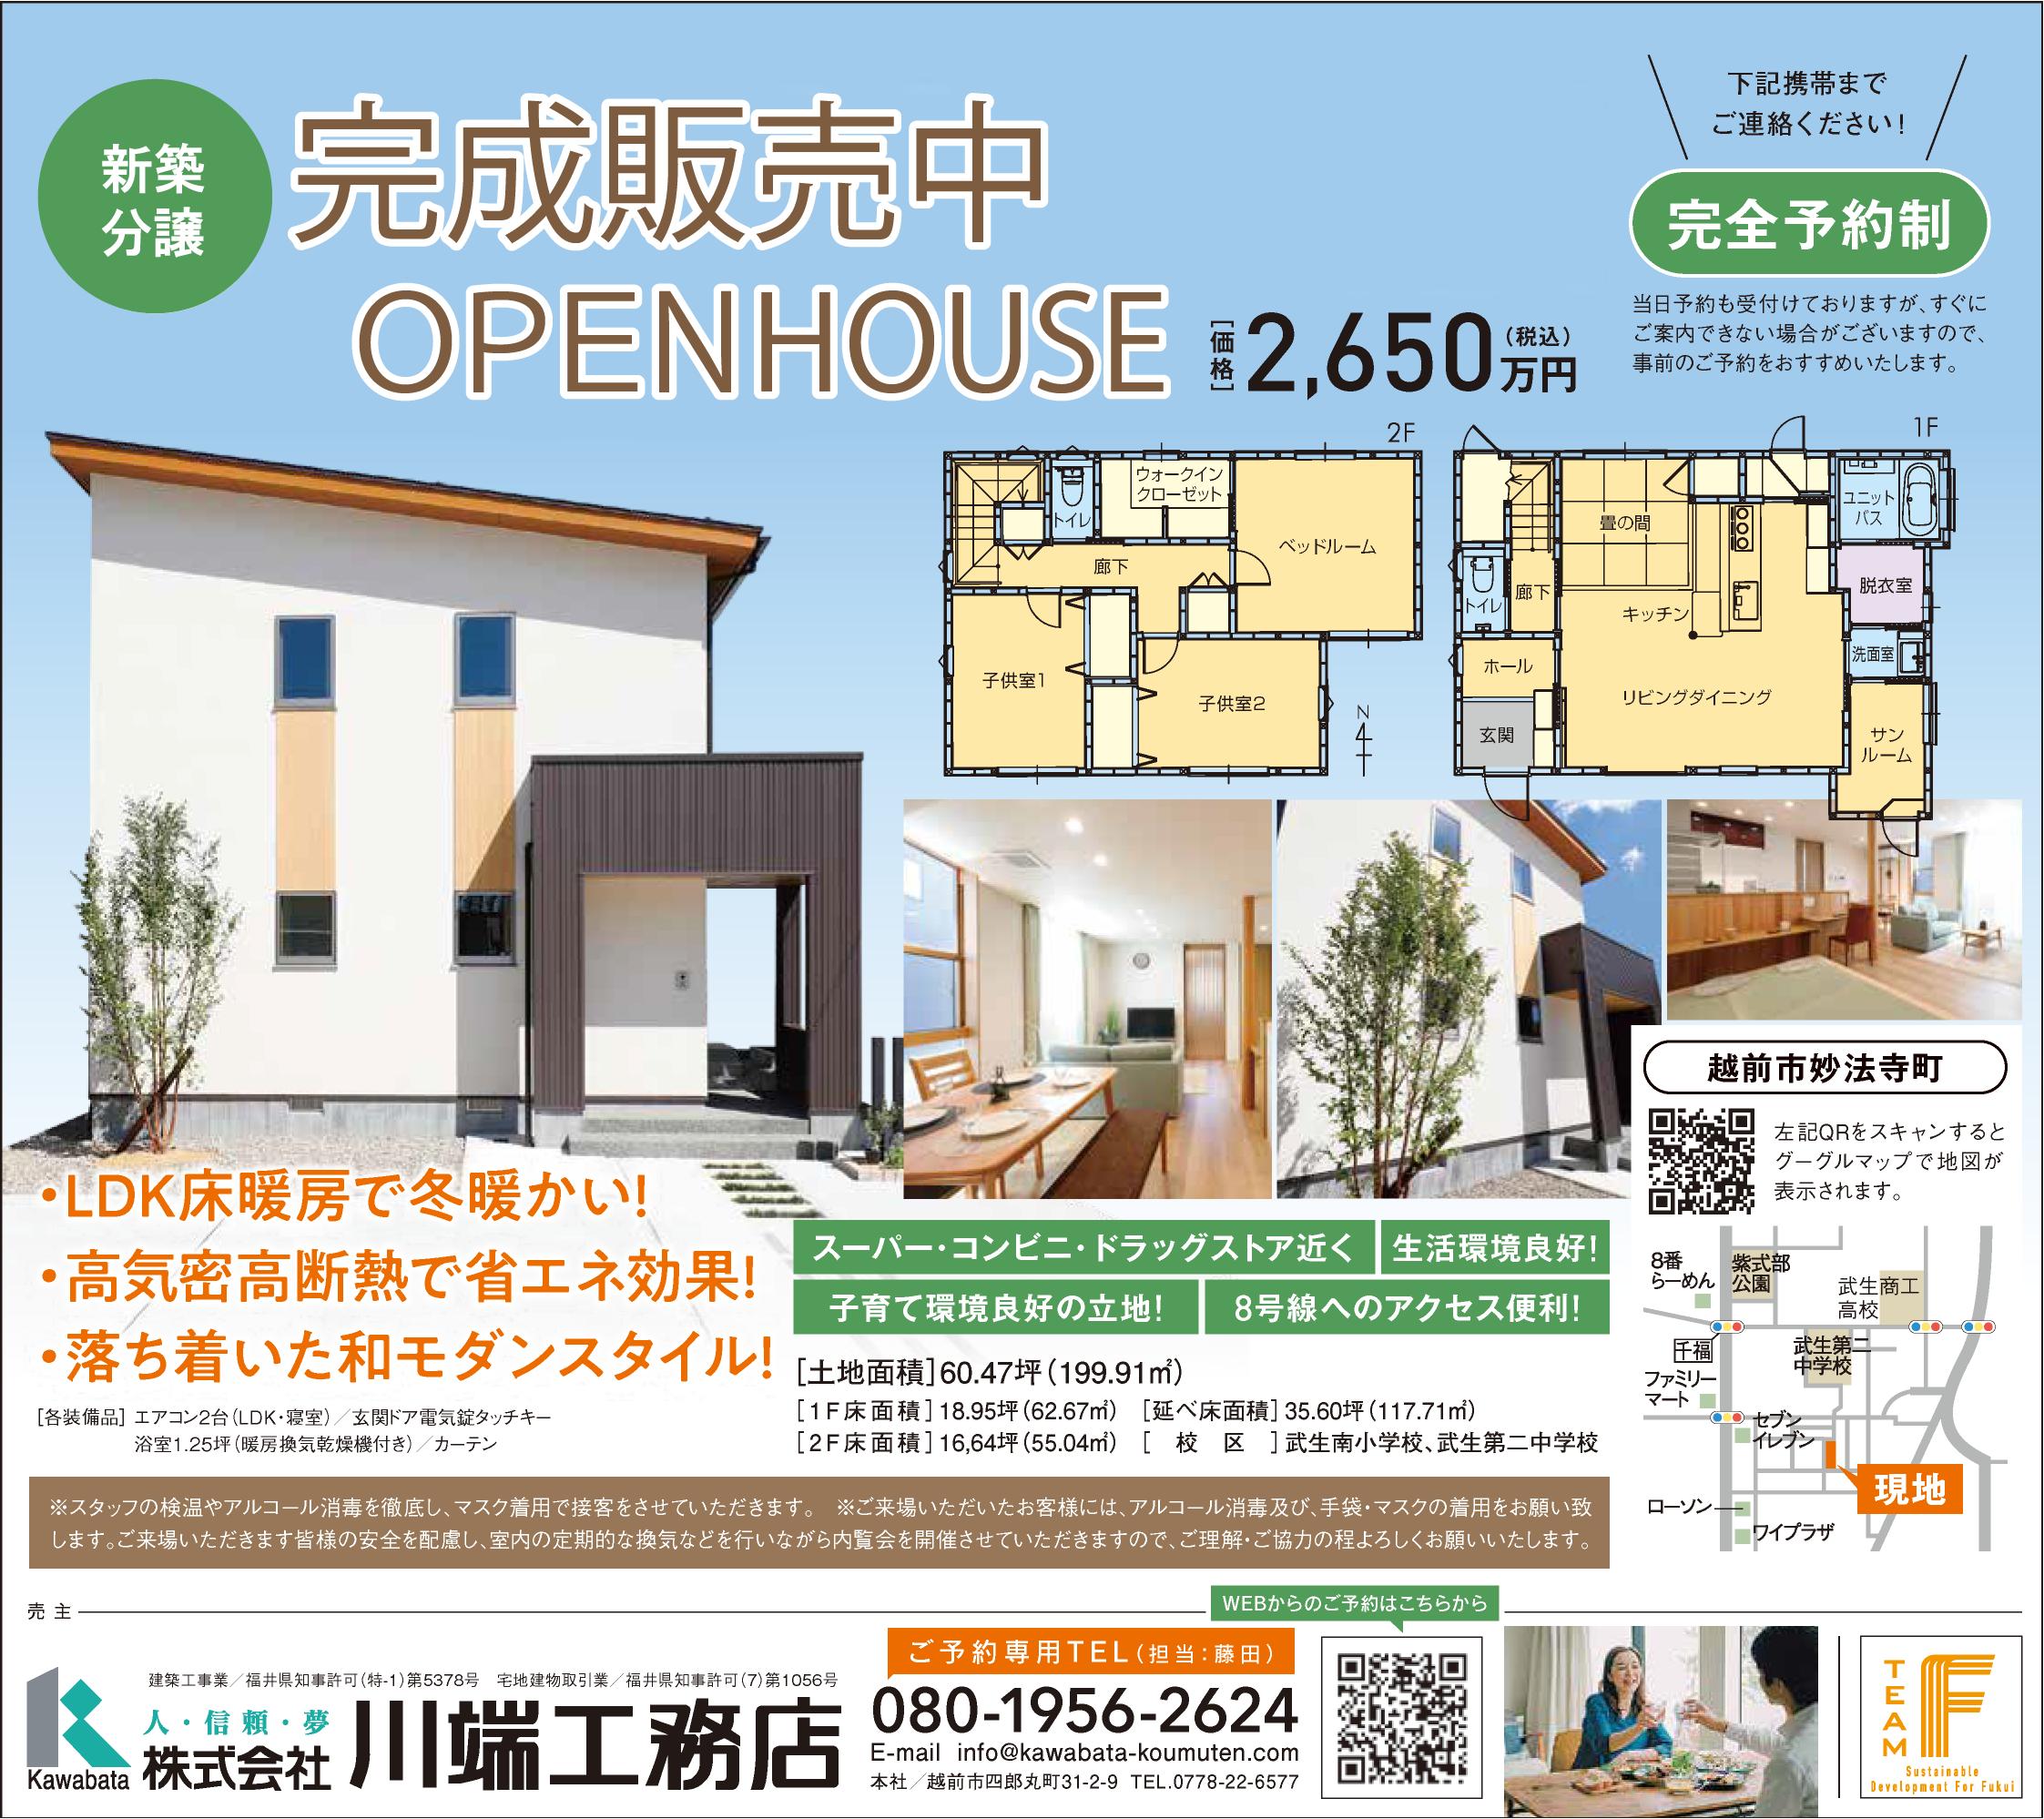 2020_0916_川端工務店_FC236e